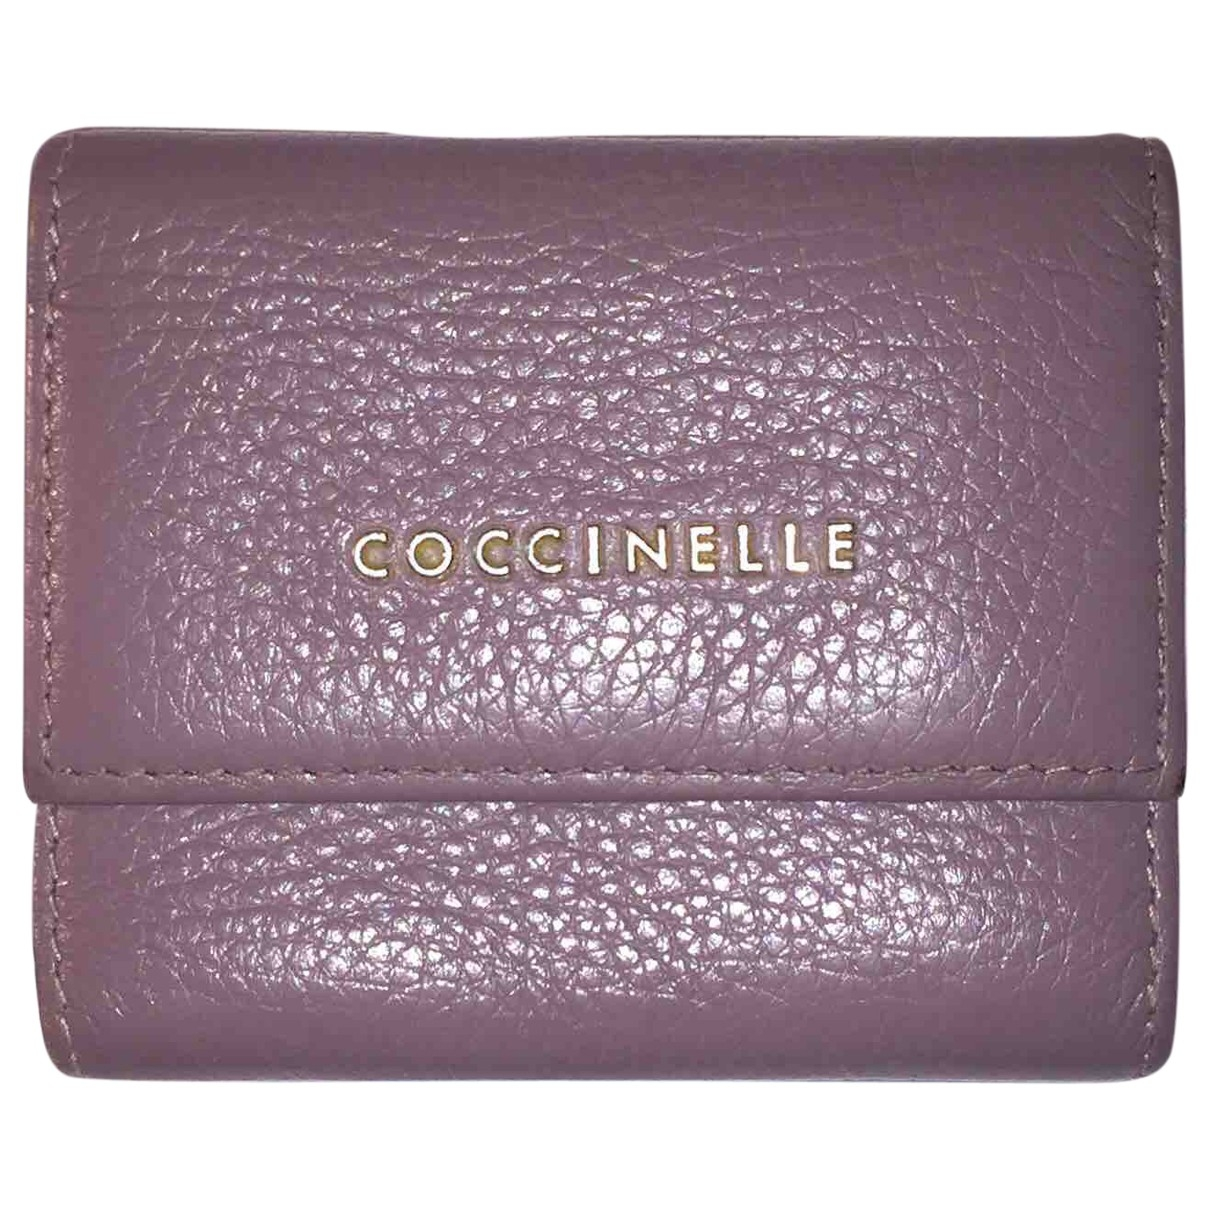 Coccinelle - Portefeuille   pour femme en cuir verni